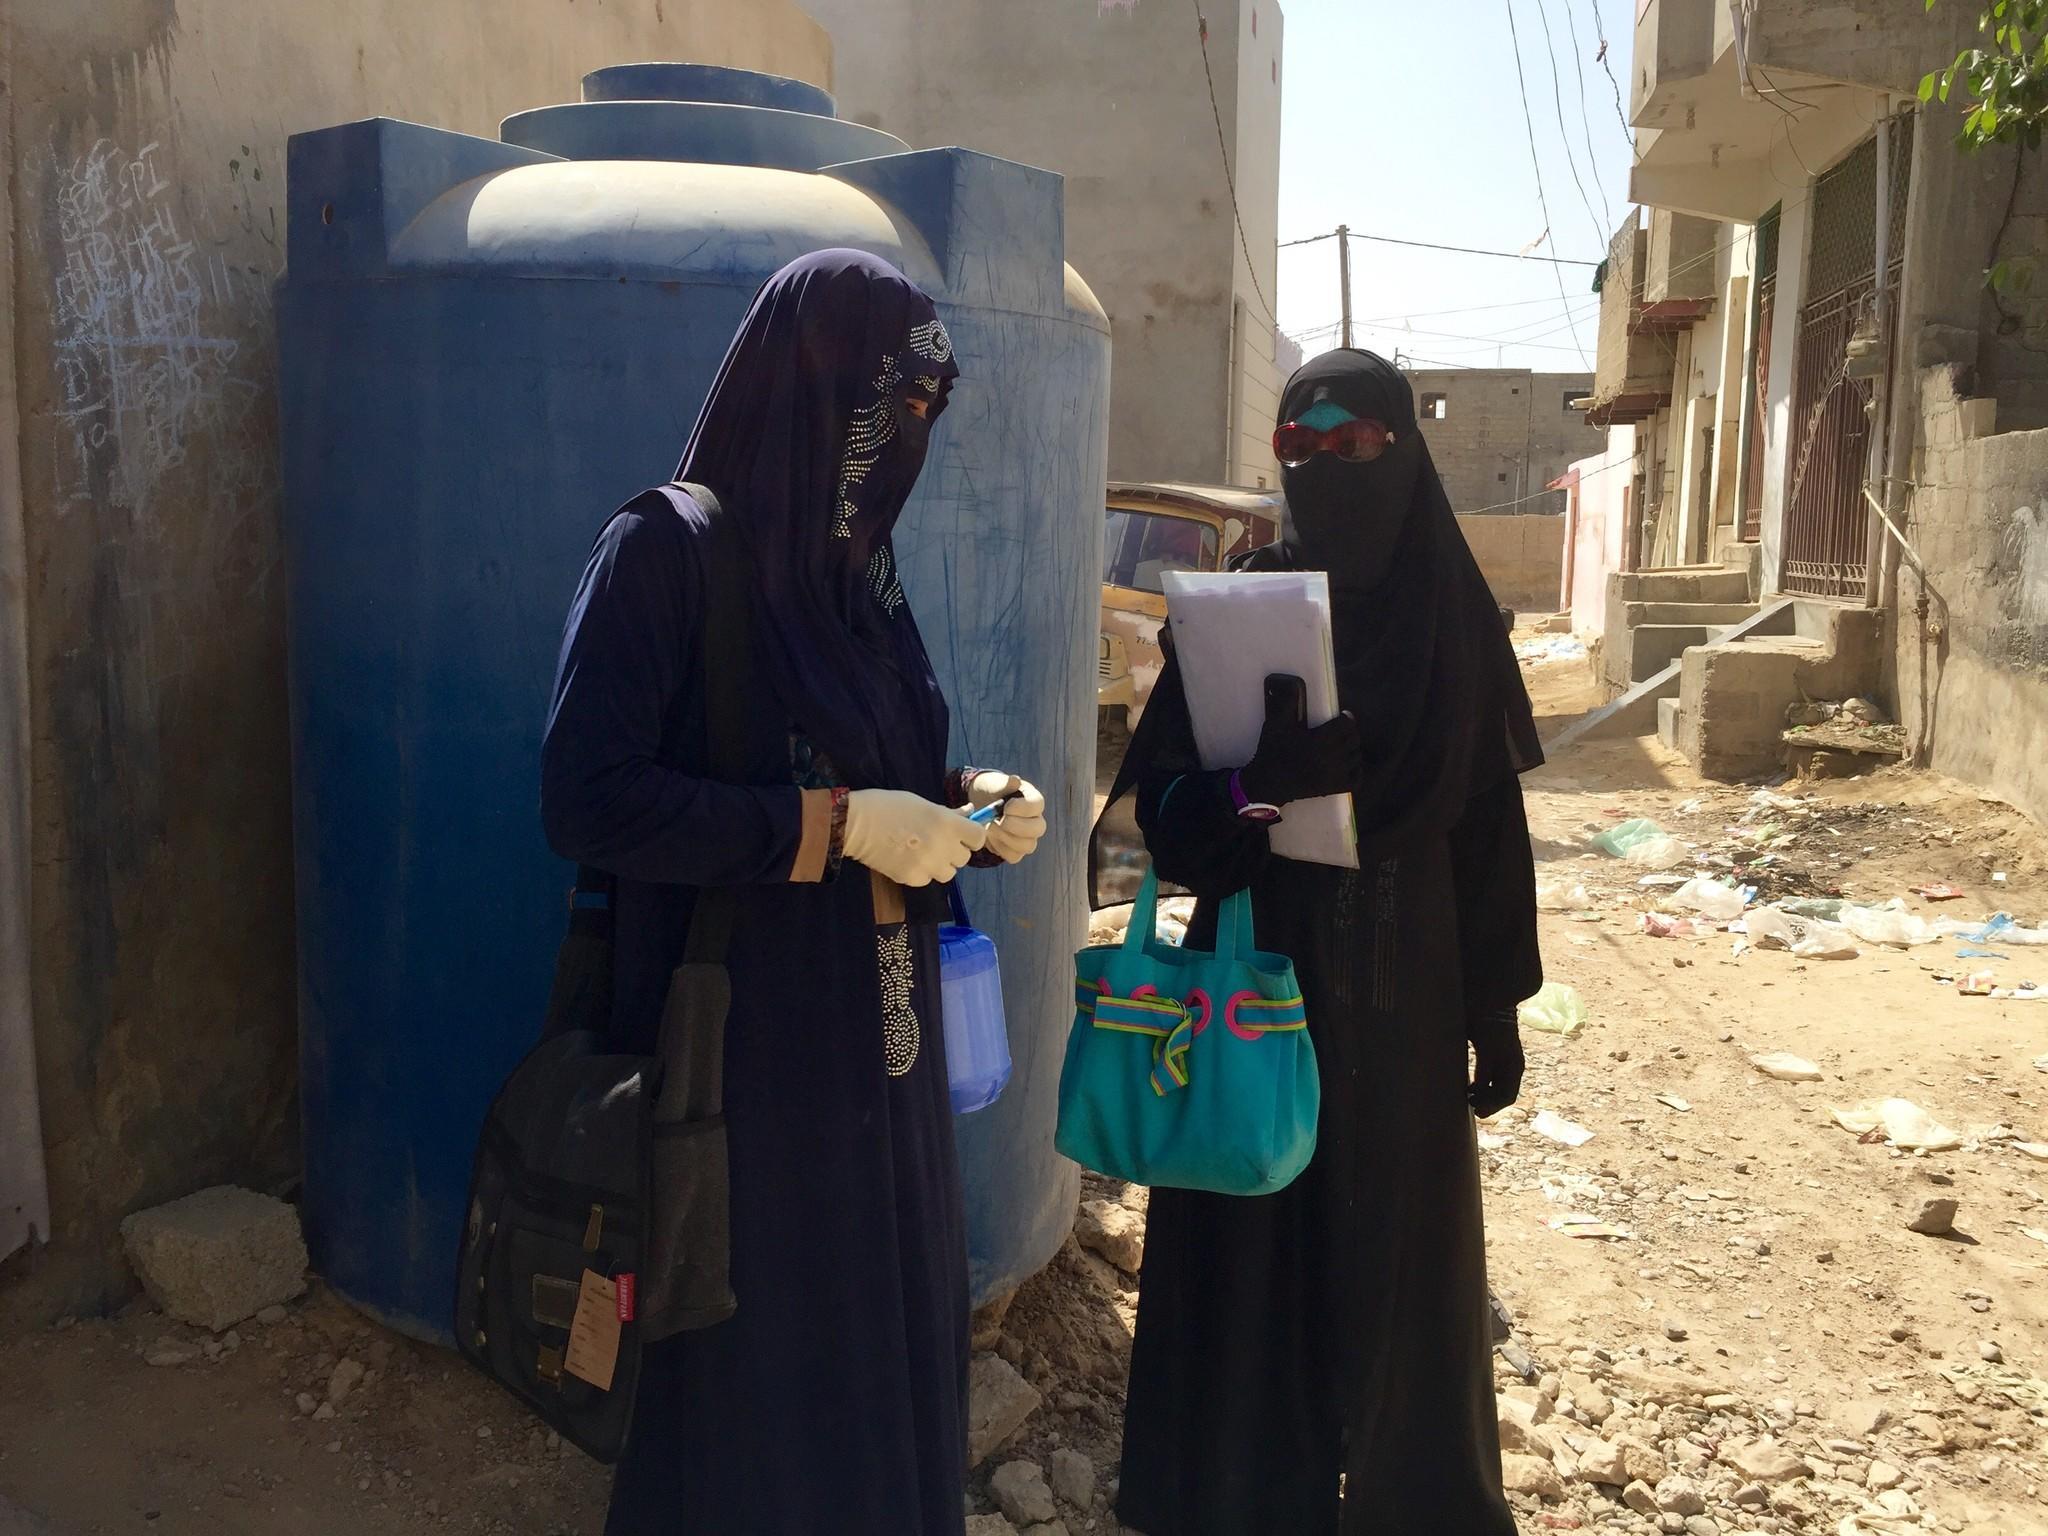 Saira Nizamuddin, right, confers with a fellow polio vaccinator.